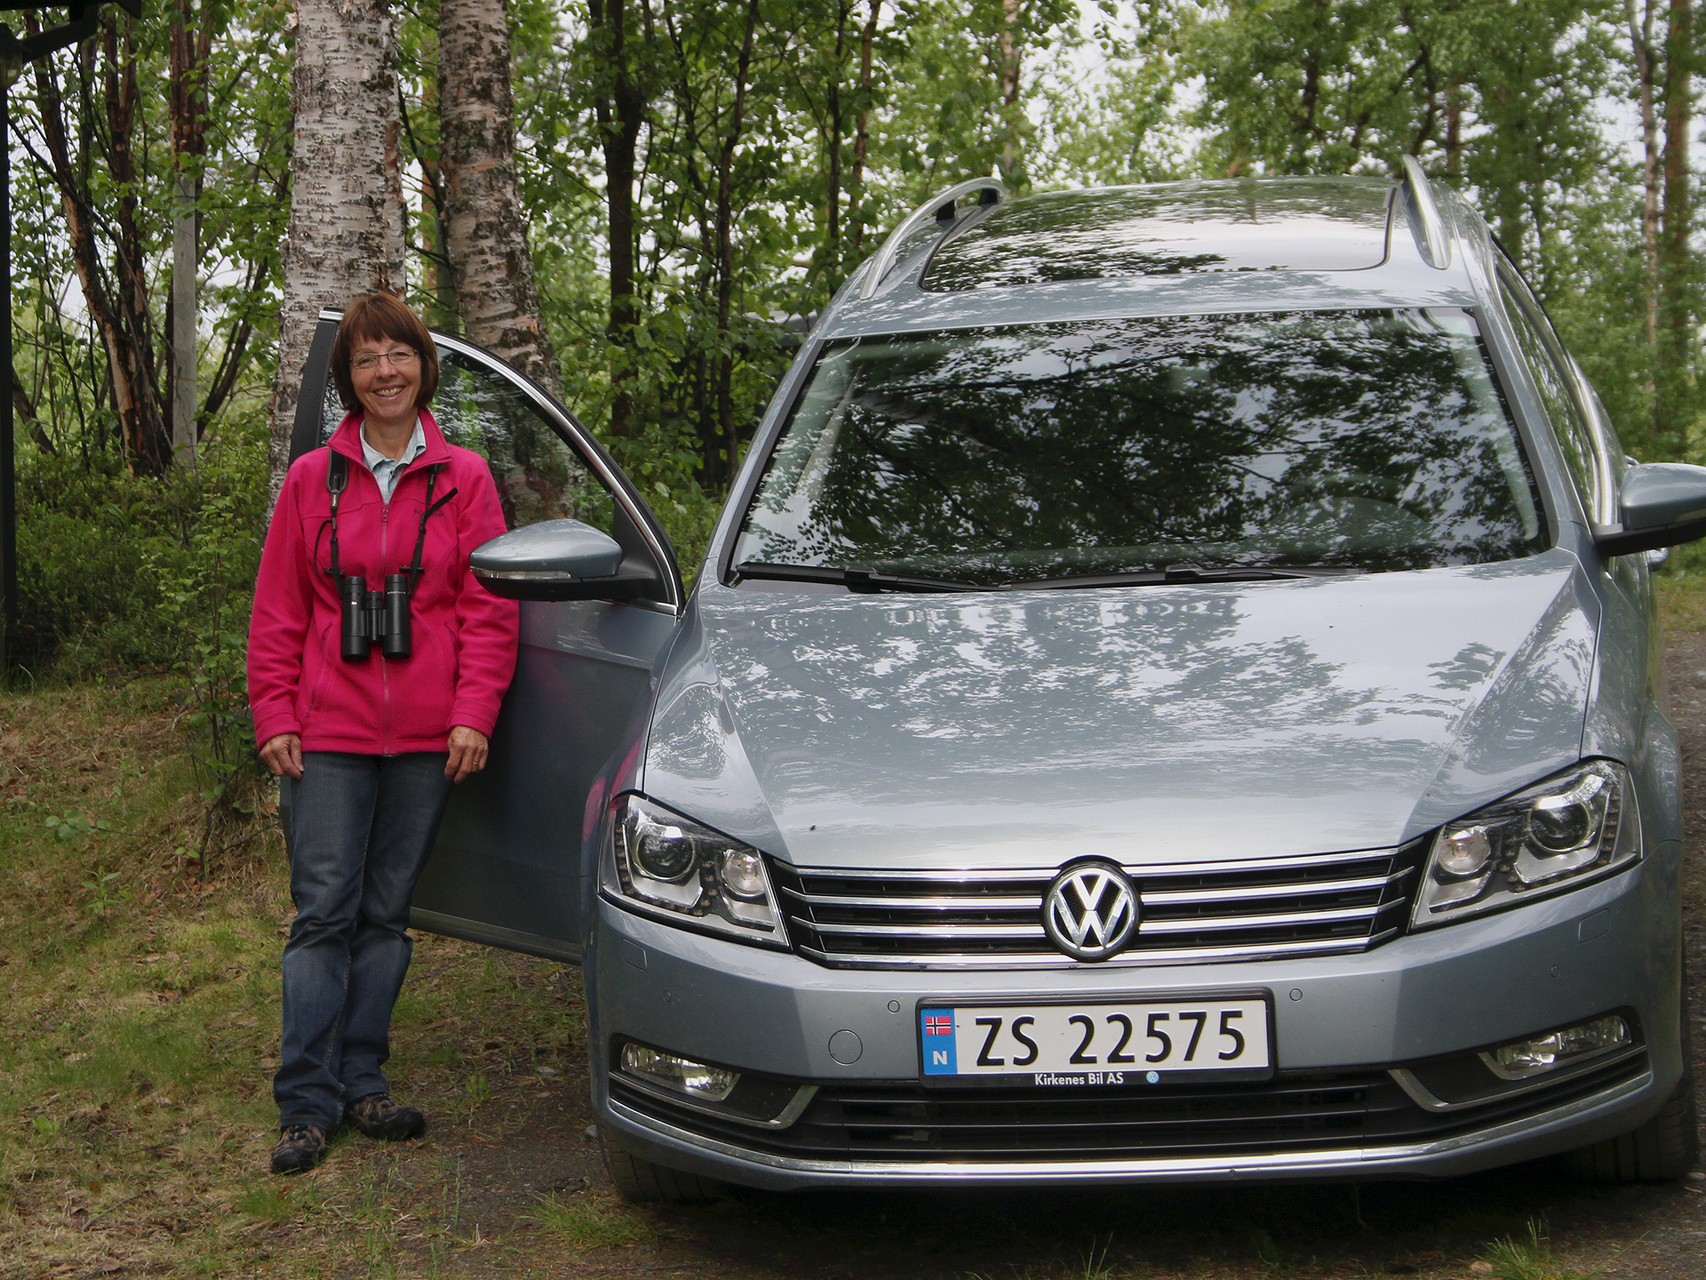 Unser VW-Passat Variant leistete gute Dienste und war oft unsere Zuflucht vor der Kälte